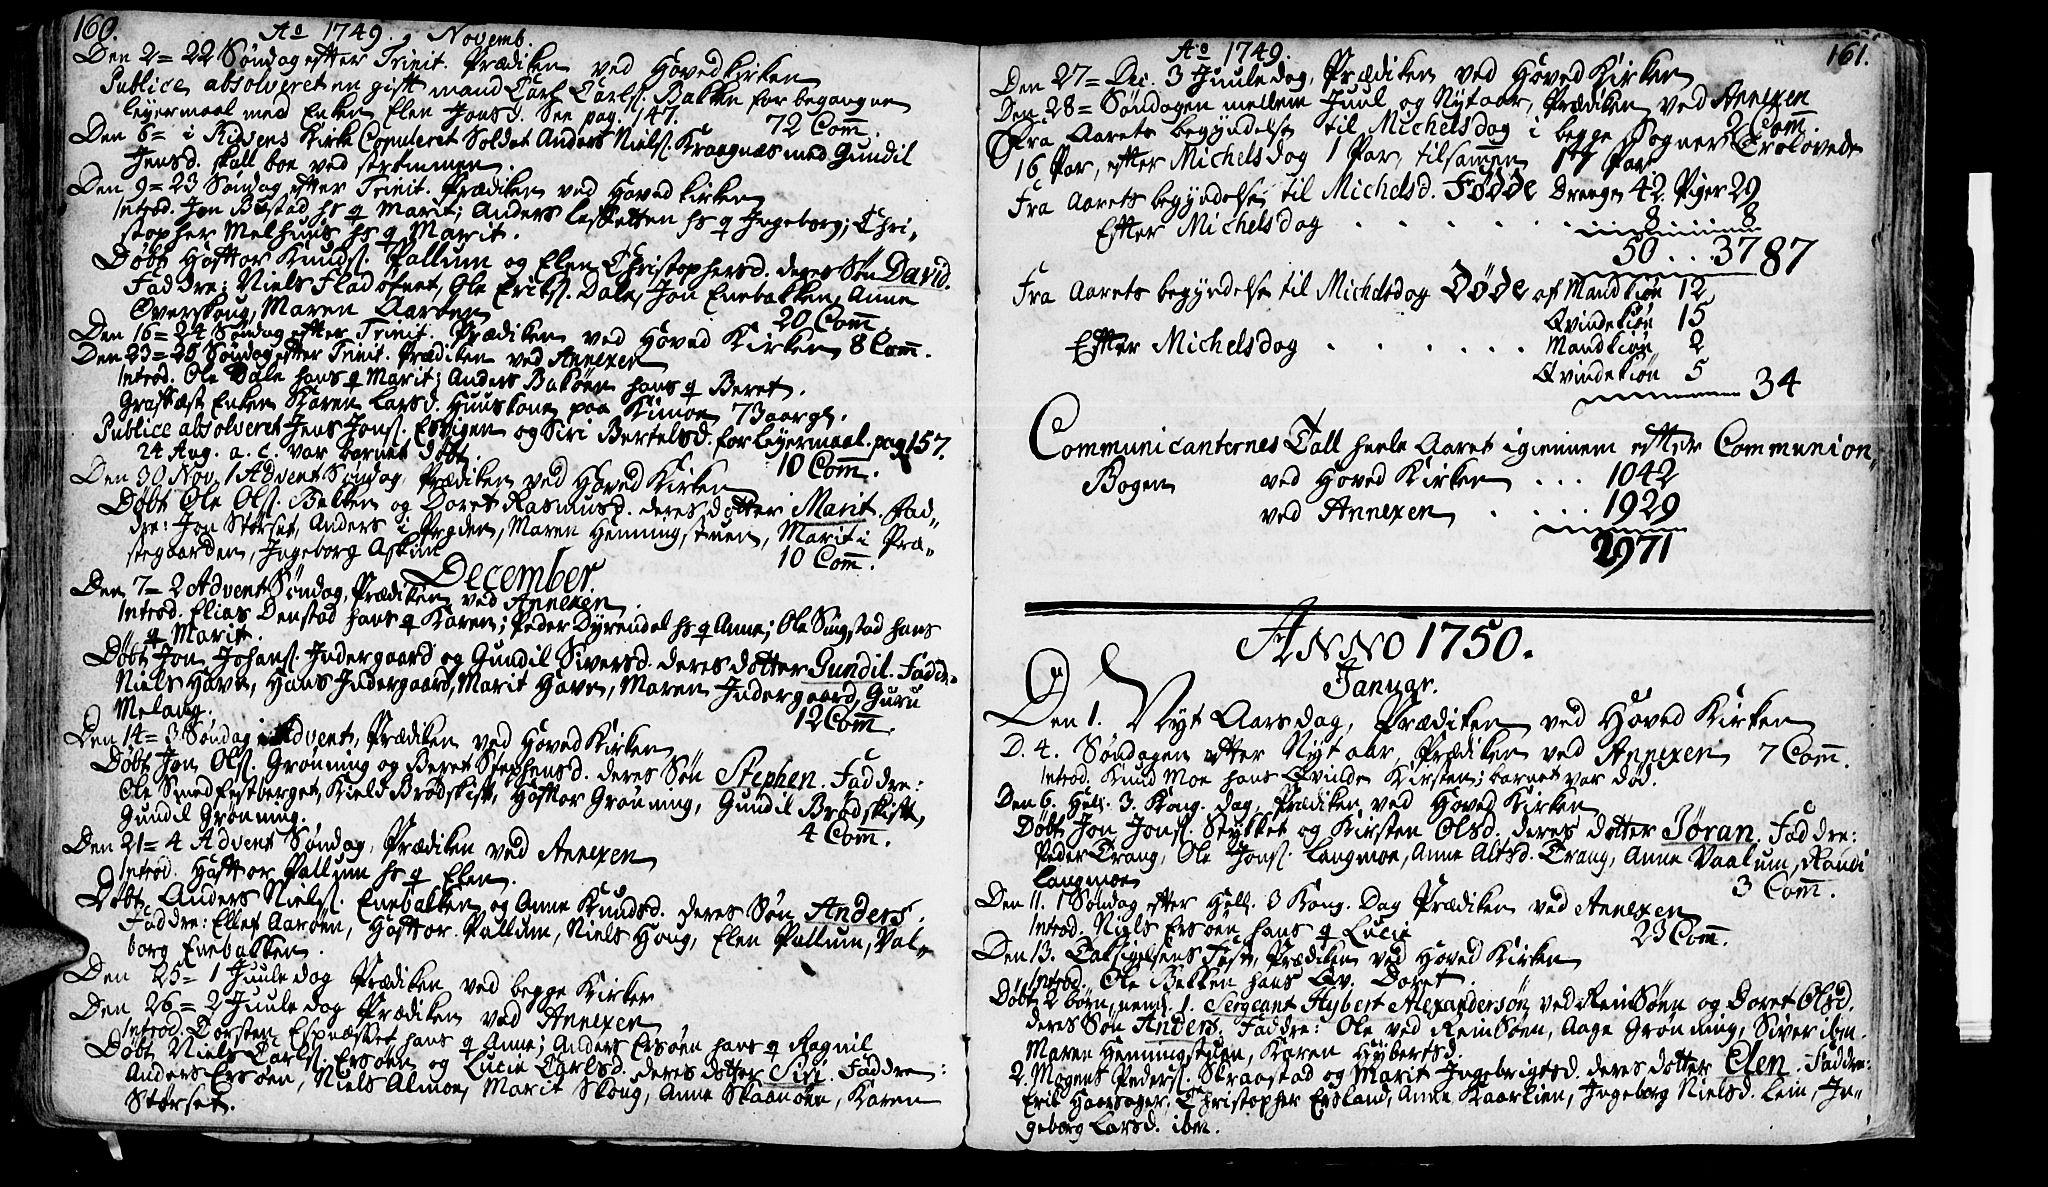 SAT, Ministerialprotokoller, klokkerbøker og fødselsregistre - Sør-Trøndelag, 646/L0604: Ministerialbok nr. 646A02, 1735-1750, s. 160-161